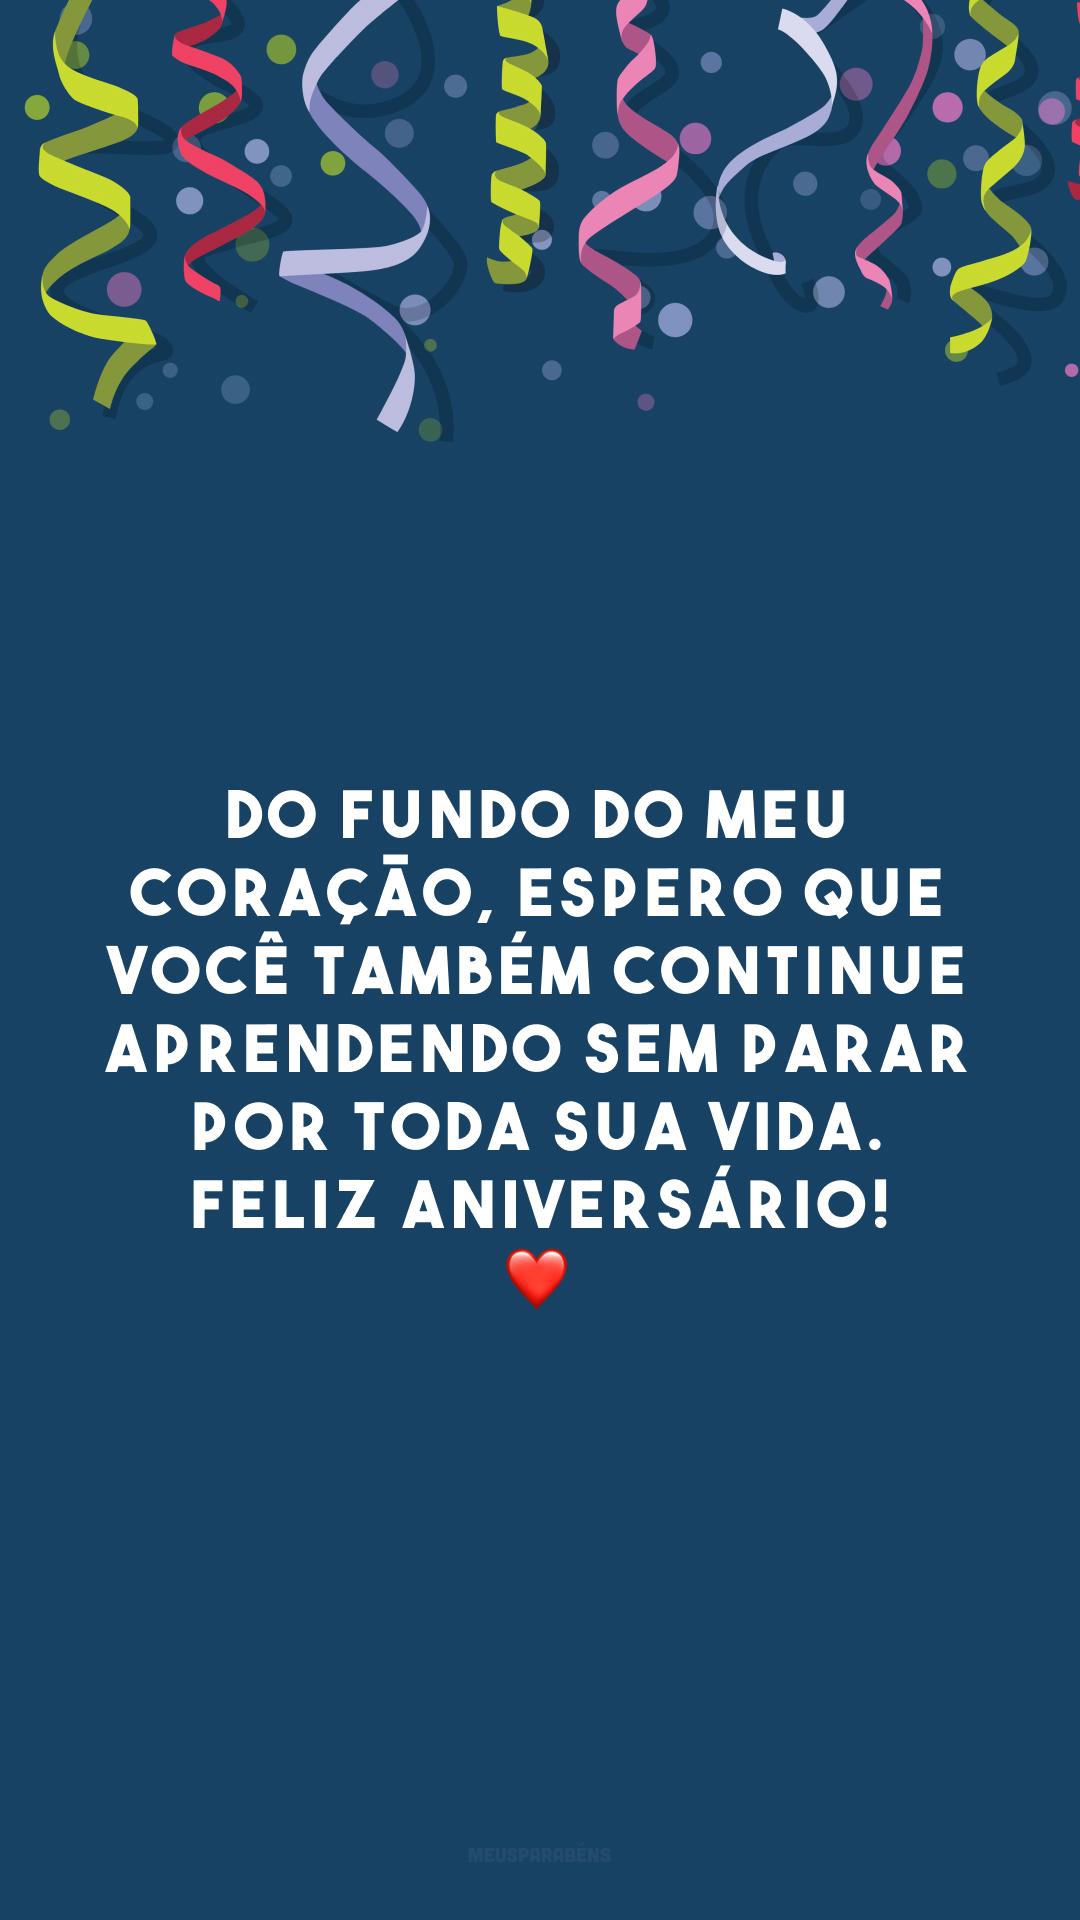 Do fundo do meu coração, espero que você também continue aprendendo sem parar por toda sua vida. Feliz aniversário! ❤️